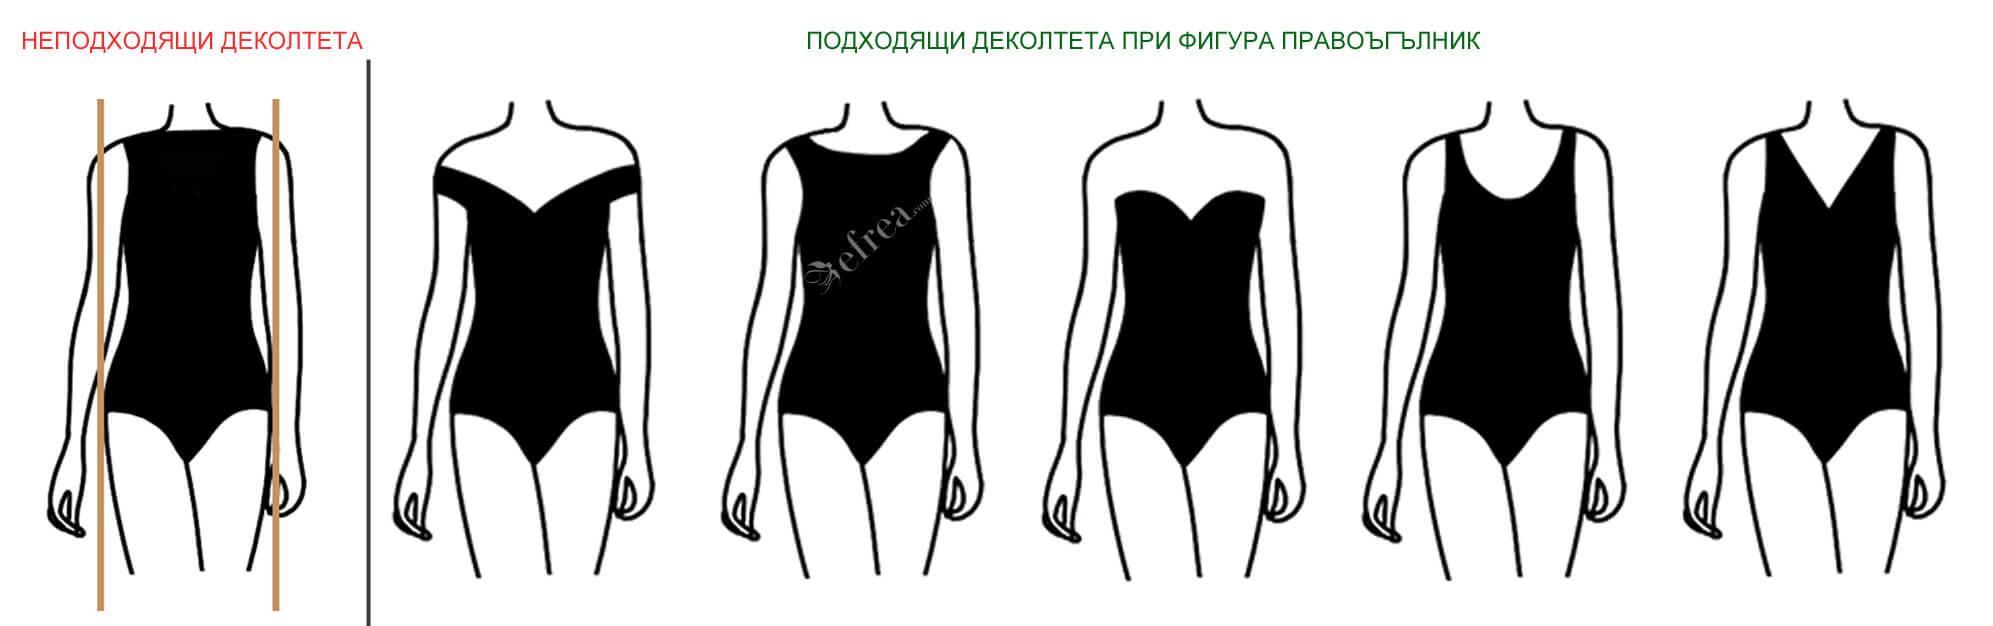 Различни форми на деколте на дамски блузи, ризи, туники и рокли за дами с фигура правоъгълник.